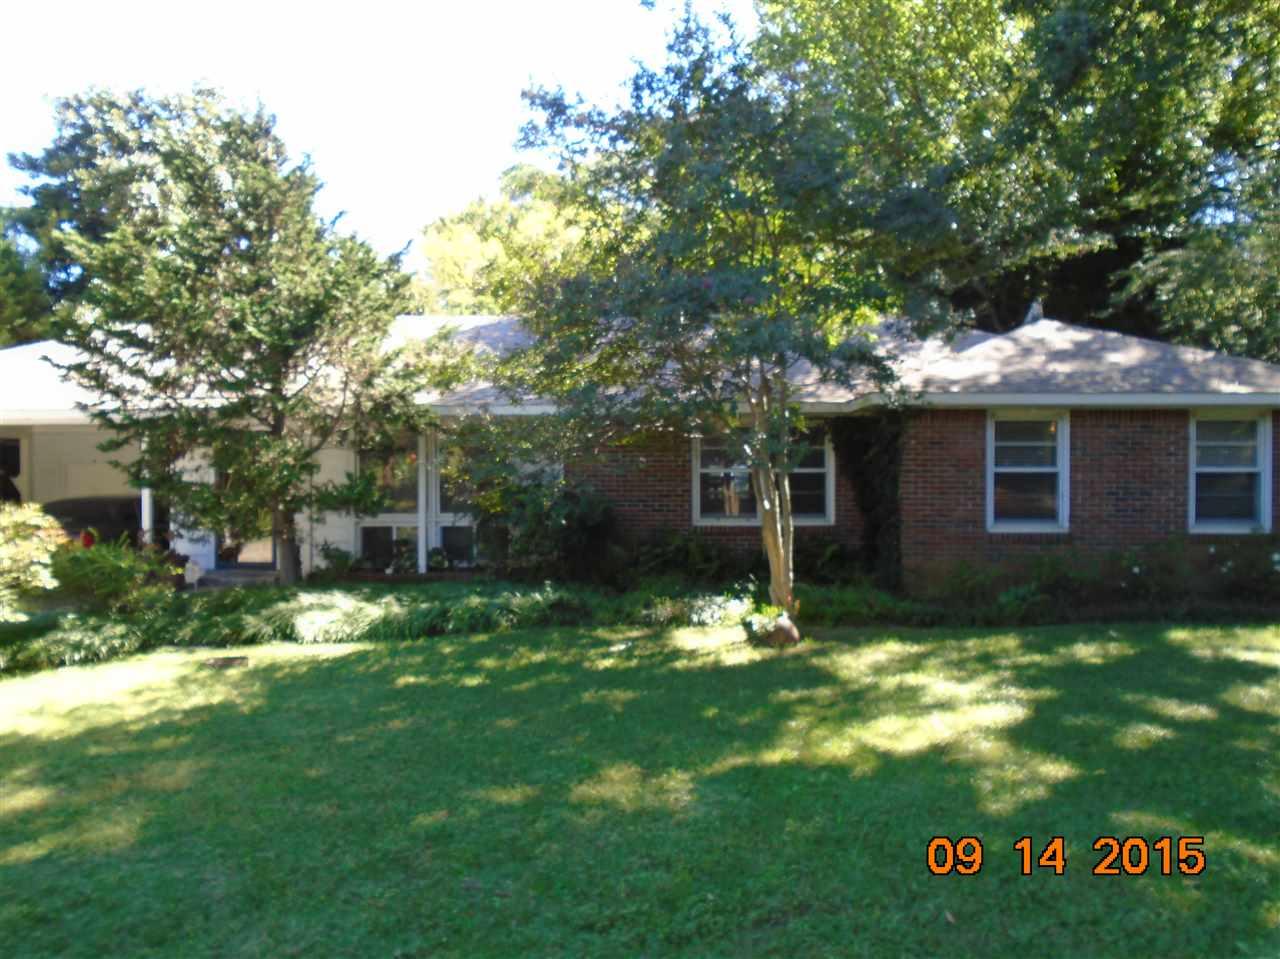 242 N PERKINS RD, Memphis, TN 38117